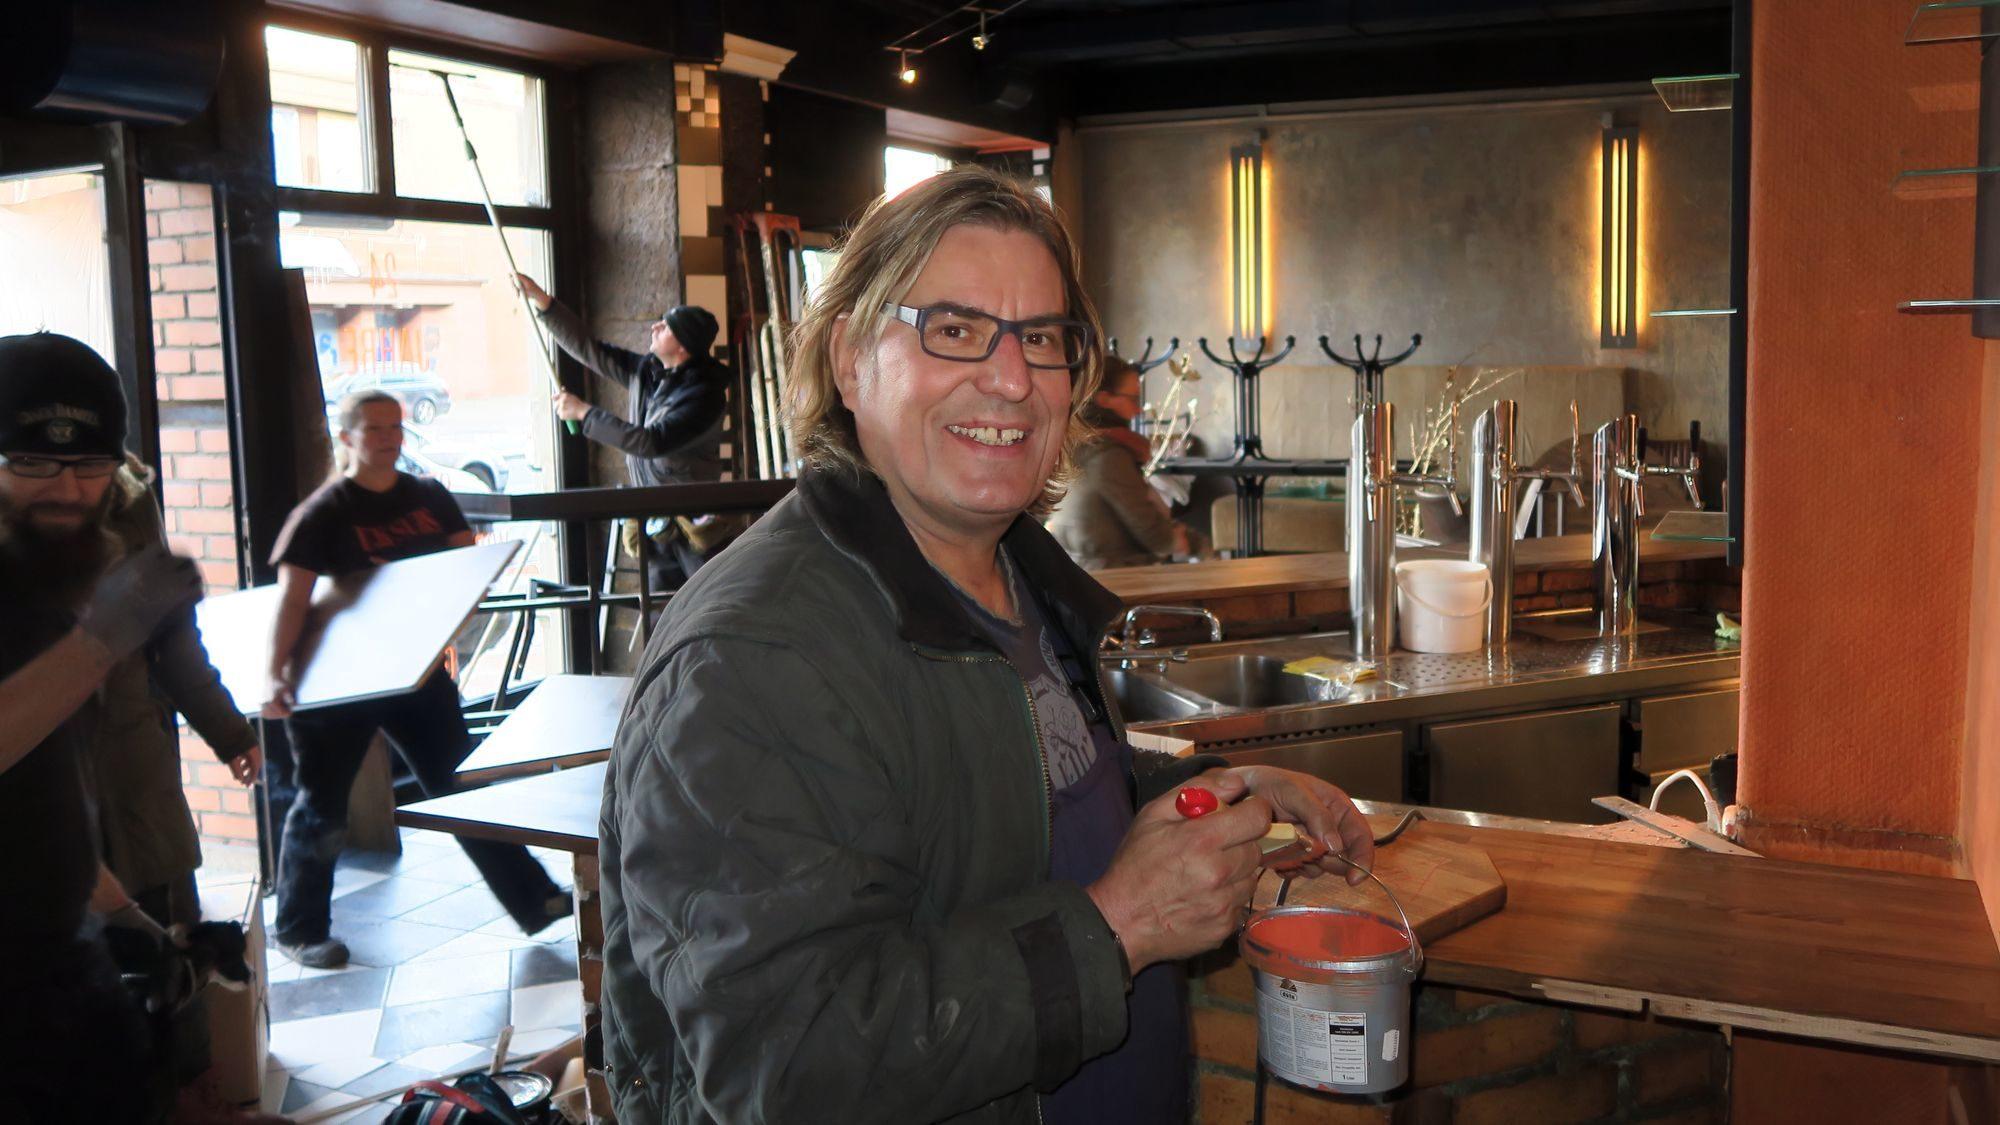 Hat Grund zum Schmunzeln: Hobby-Anstreicher und 24-Stunde-Gastronom Ferenc Weidel